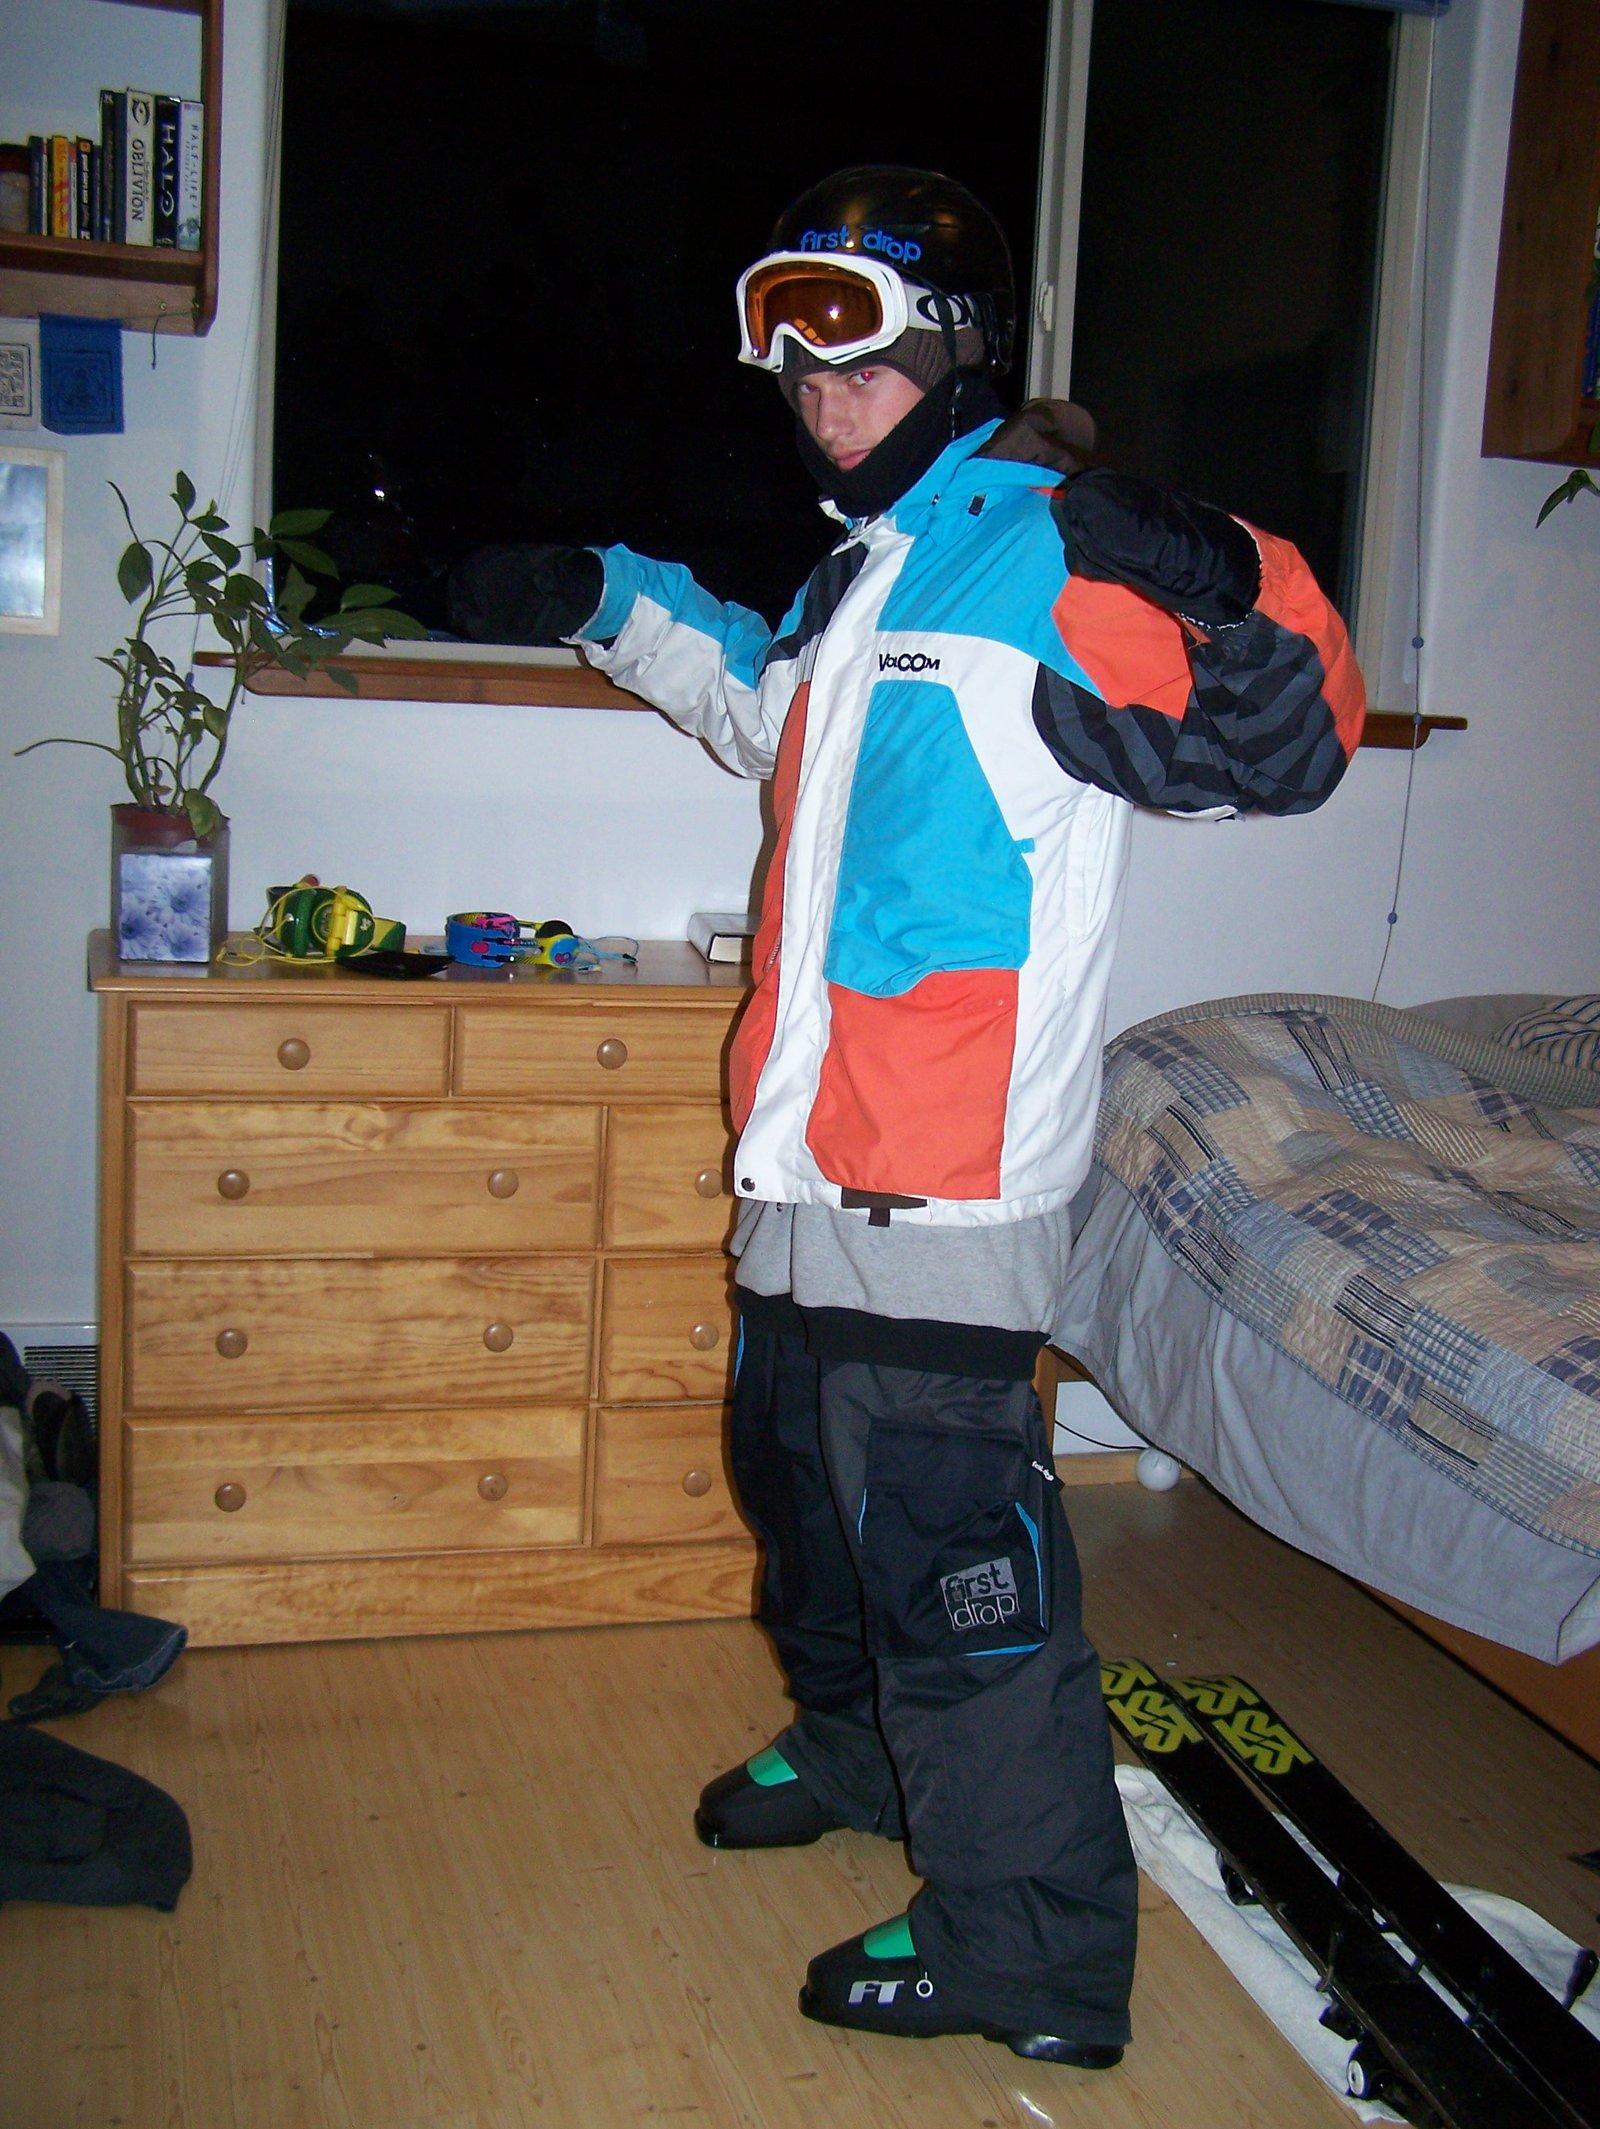 10/11 ski outerwear